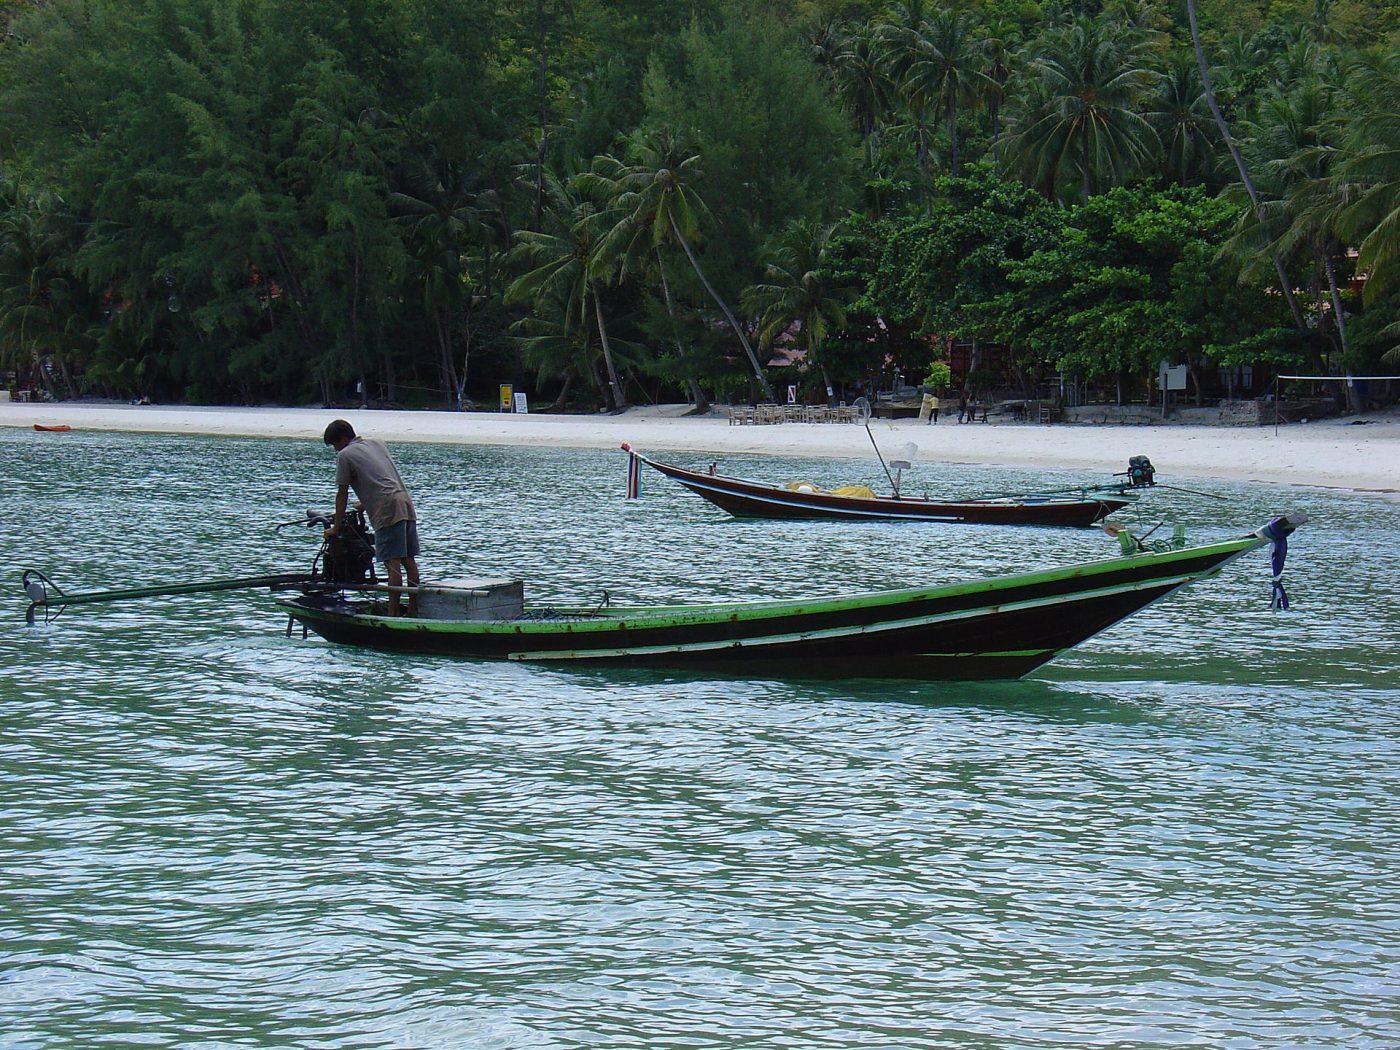 Транспорт на острове Пханган, Таиланд